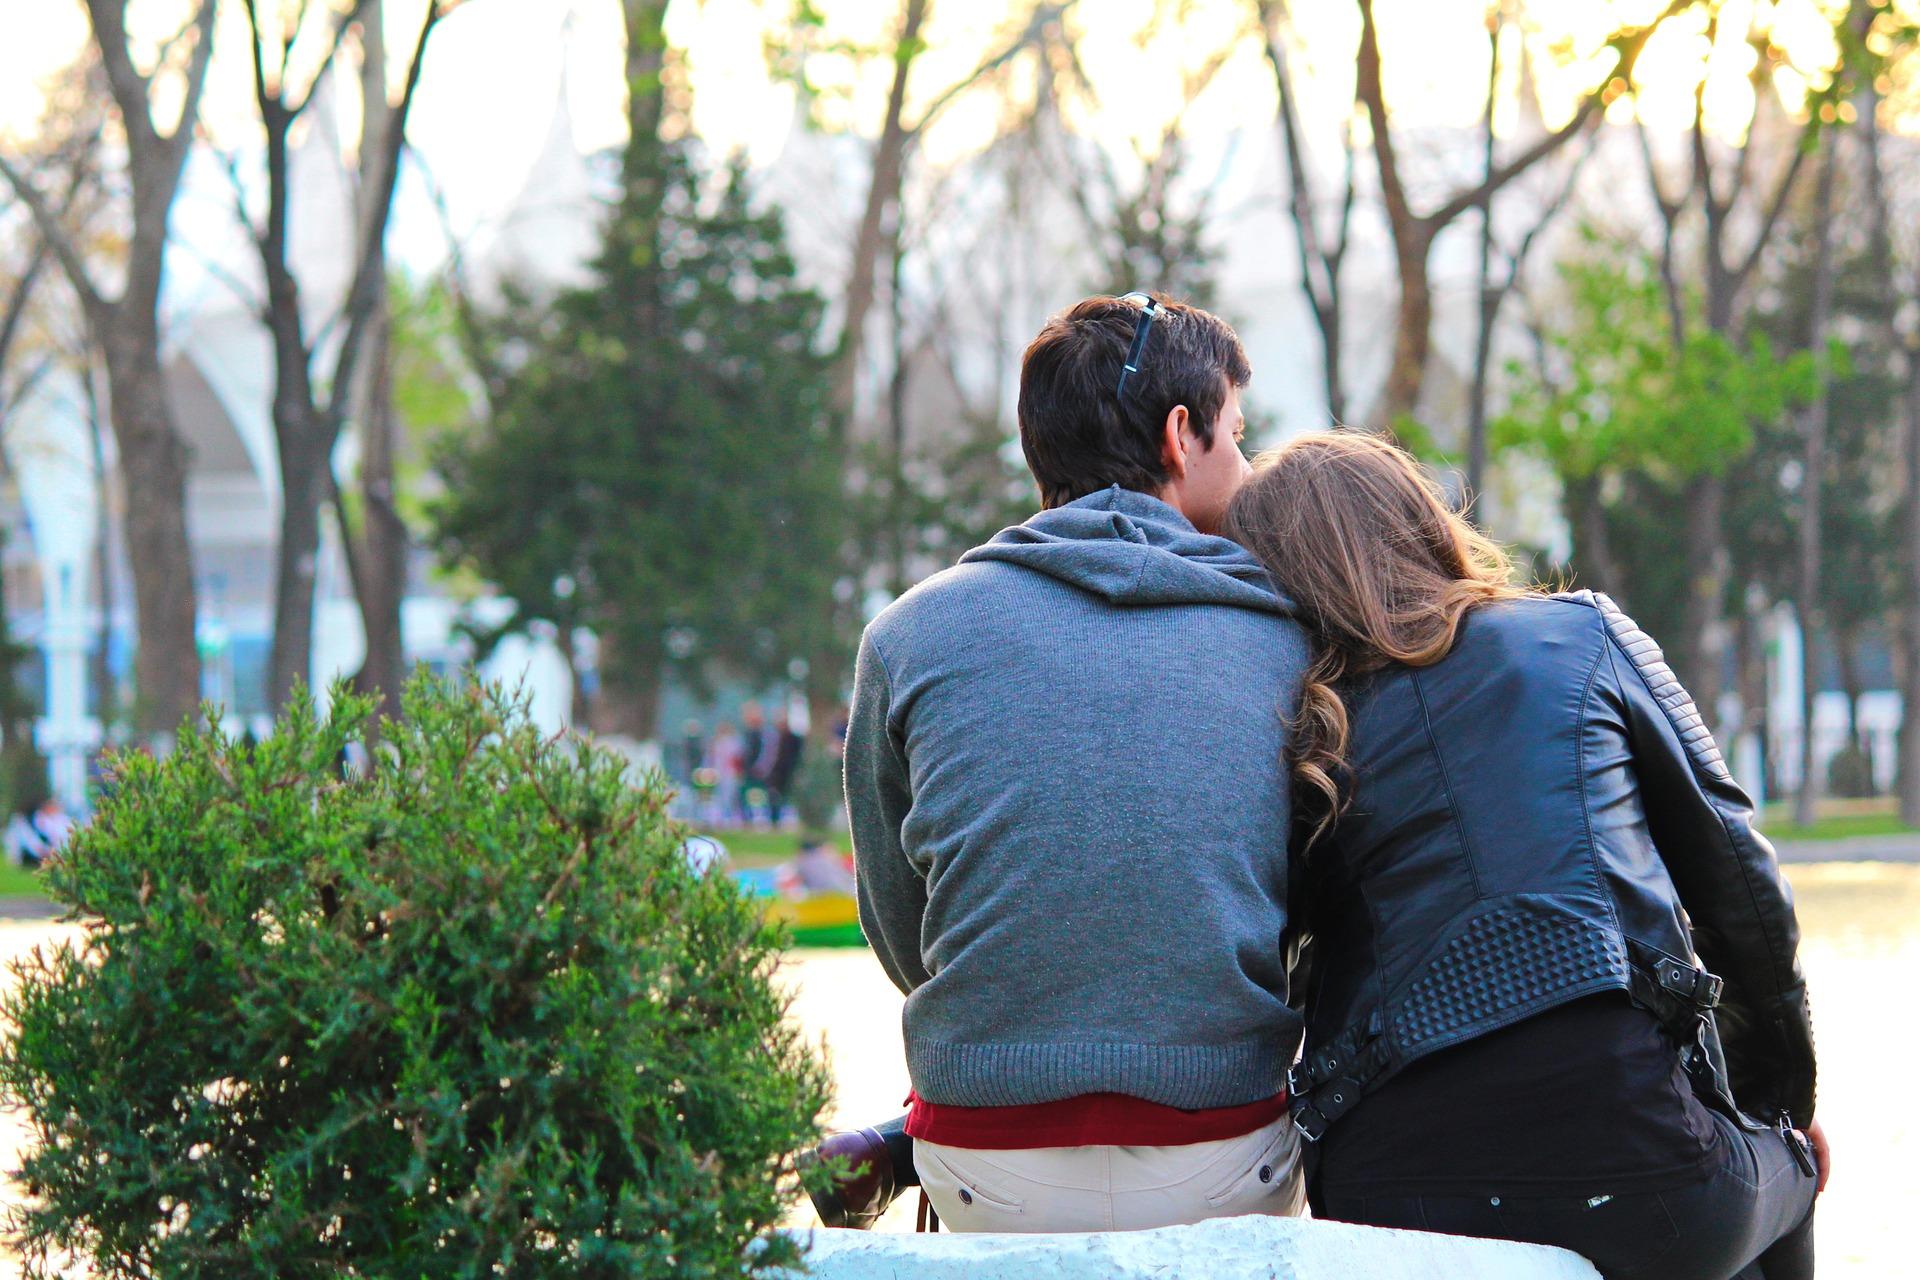 žena, muž, vztahy